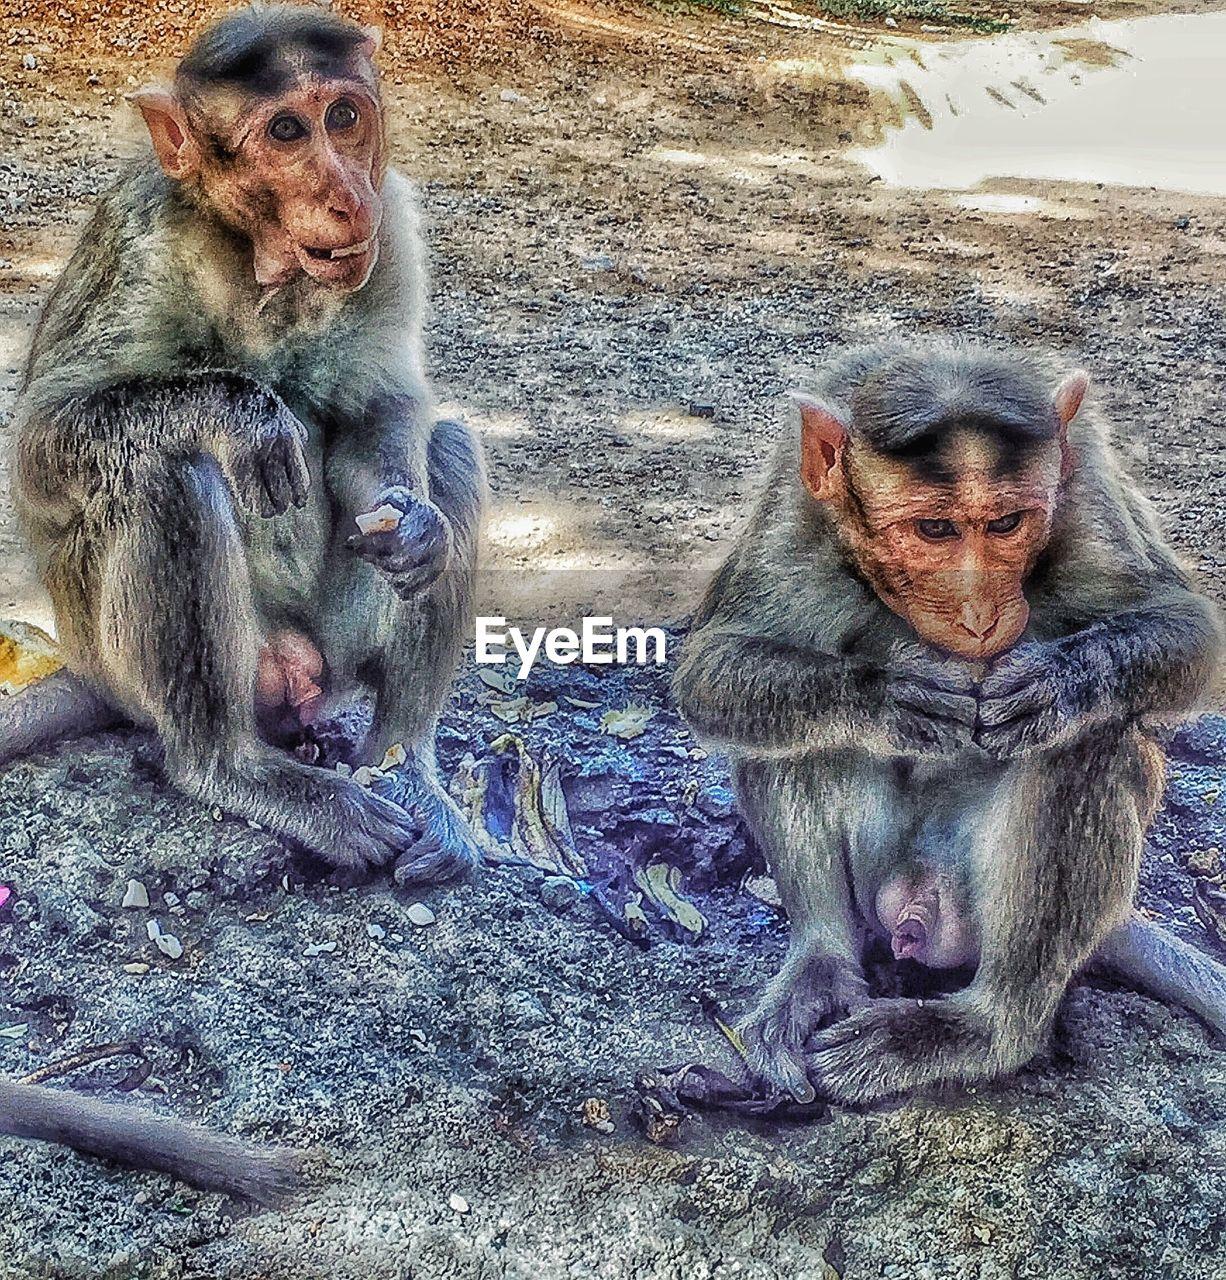 Male monkeys sitting on dirt